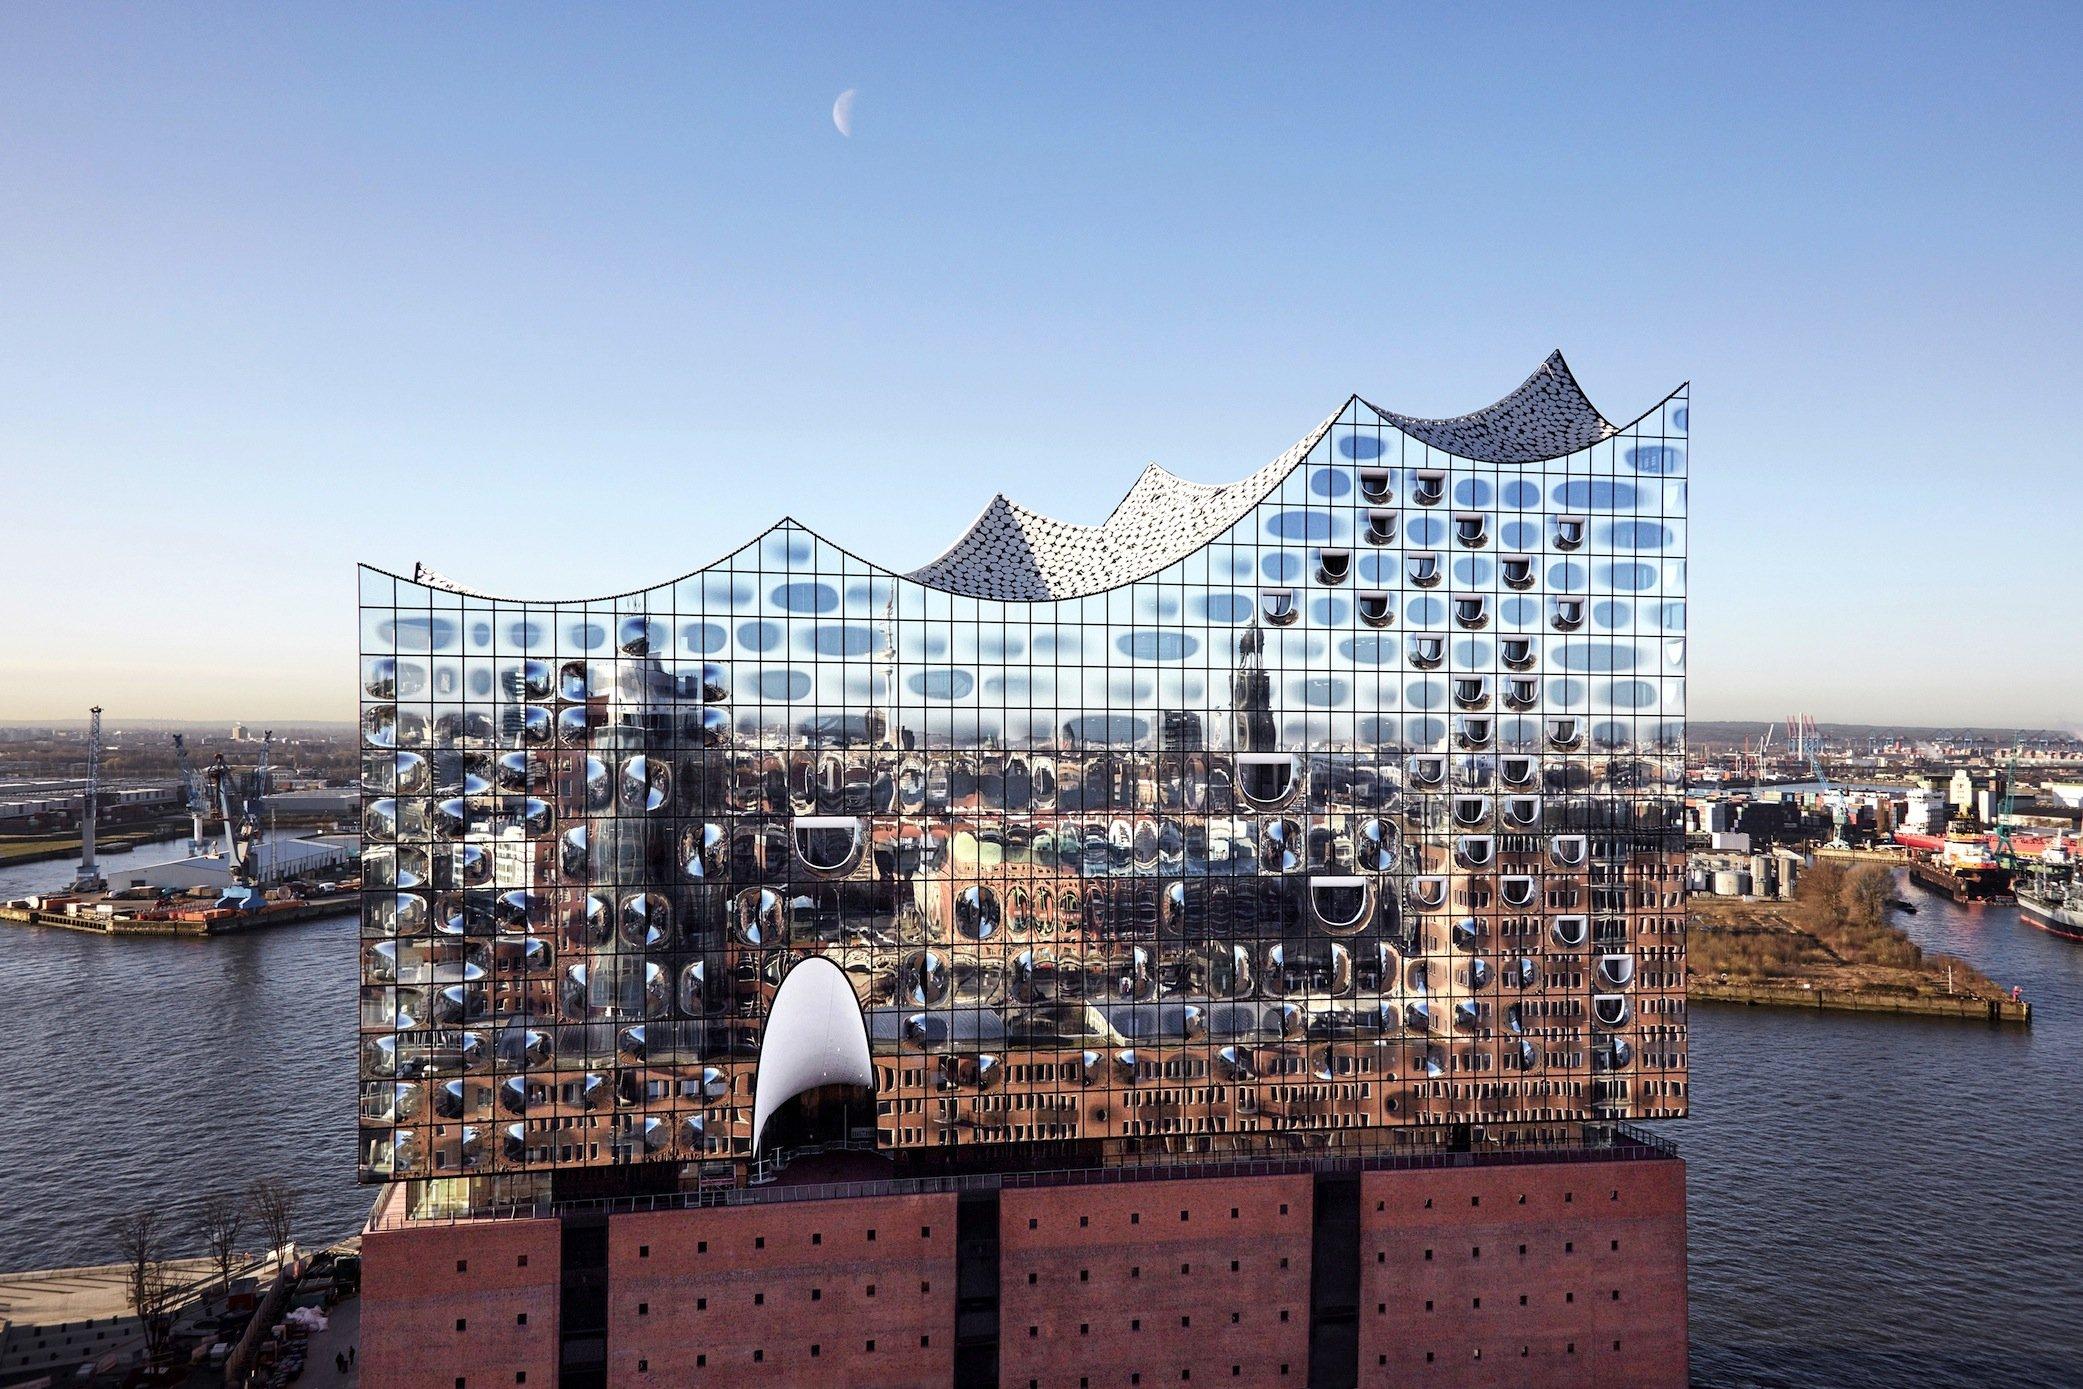 Spiegelung Hamburgs in der Glasfassade der neuen Elbphilharmonie.